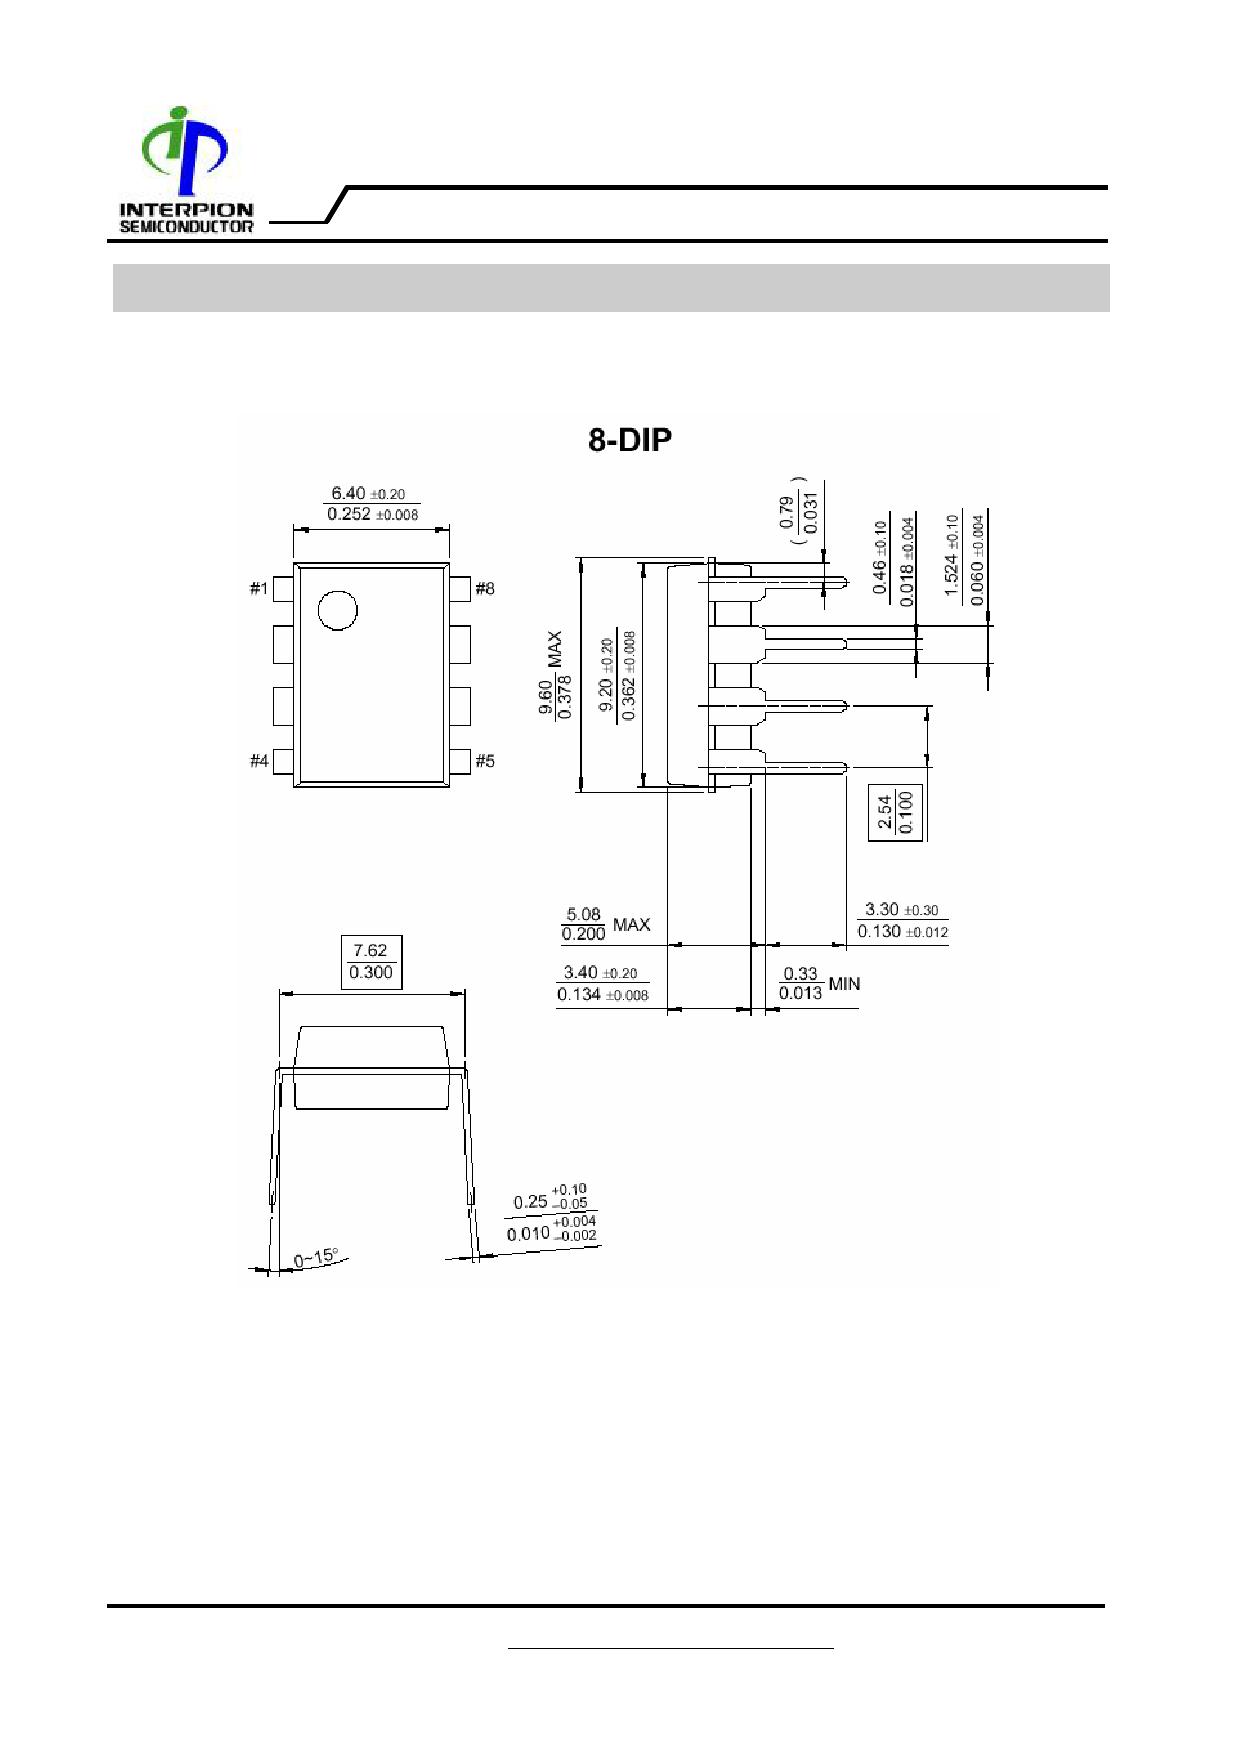 I3002 arduino